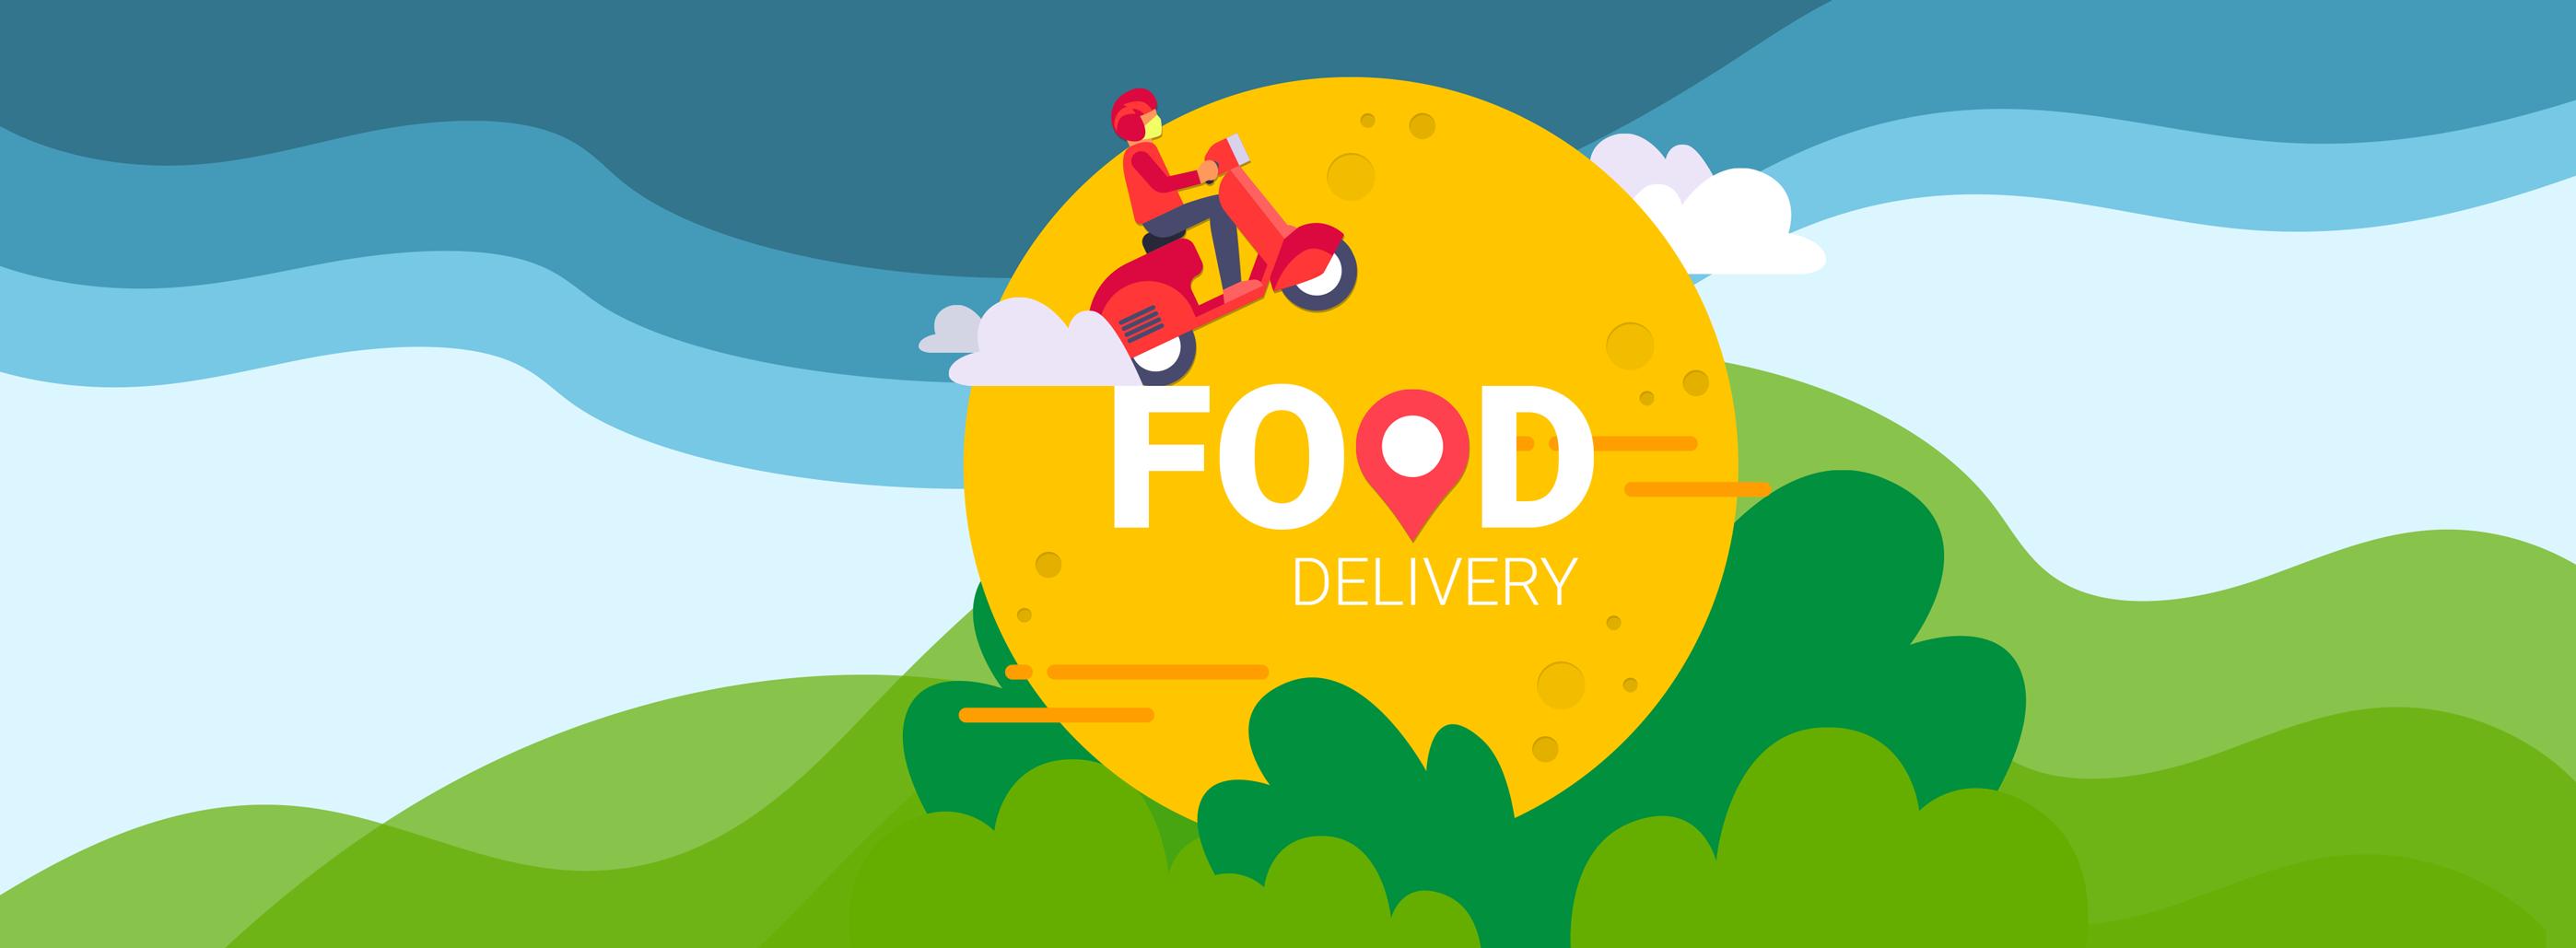 Food delivery app bkg